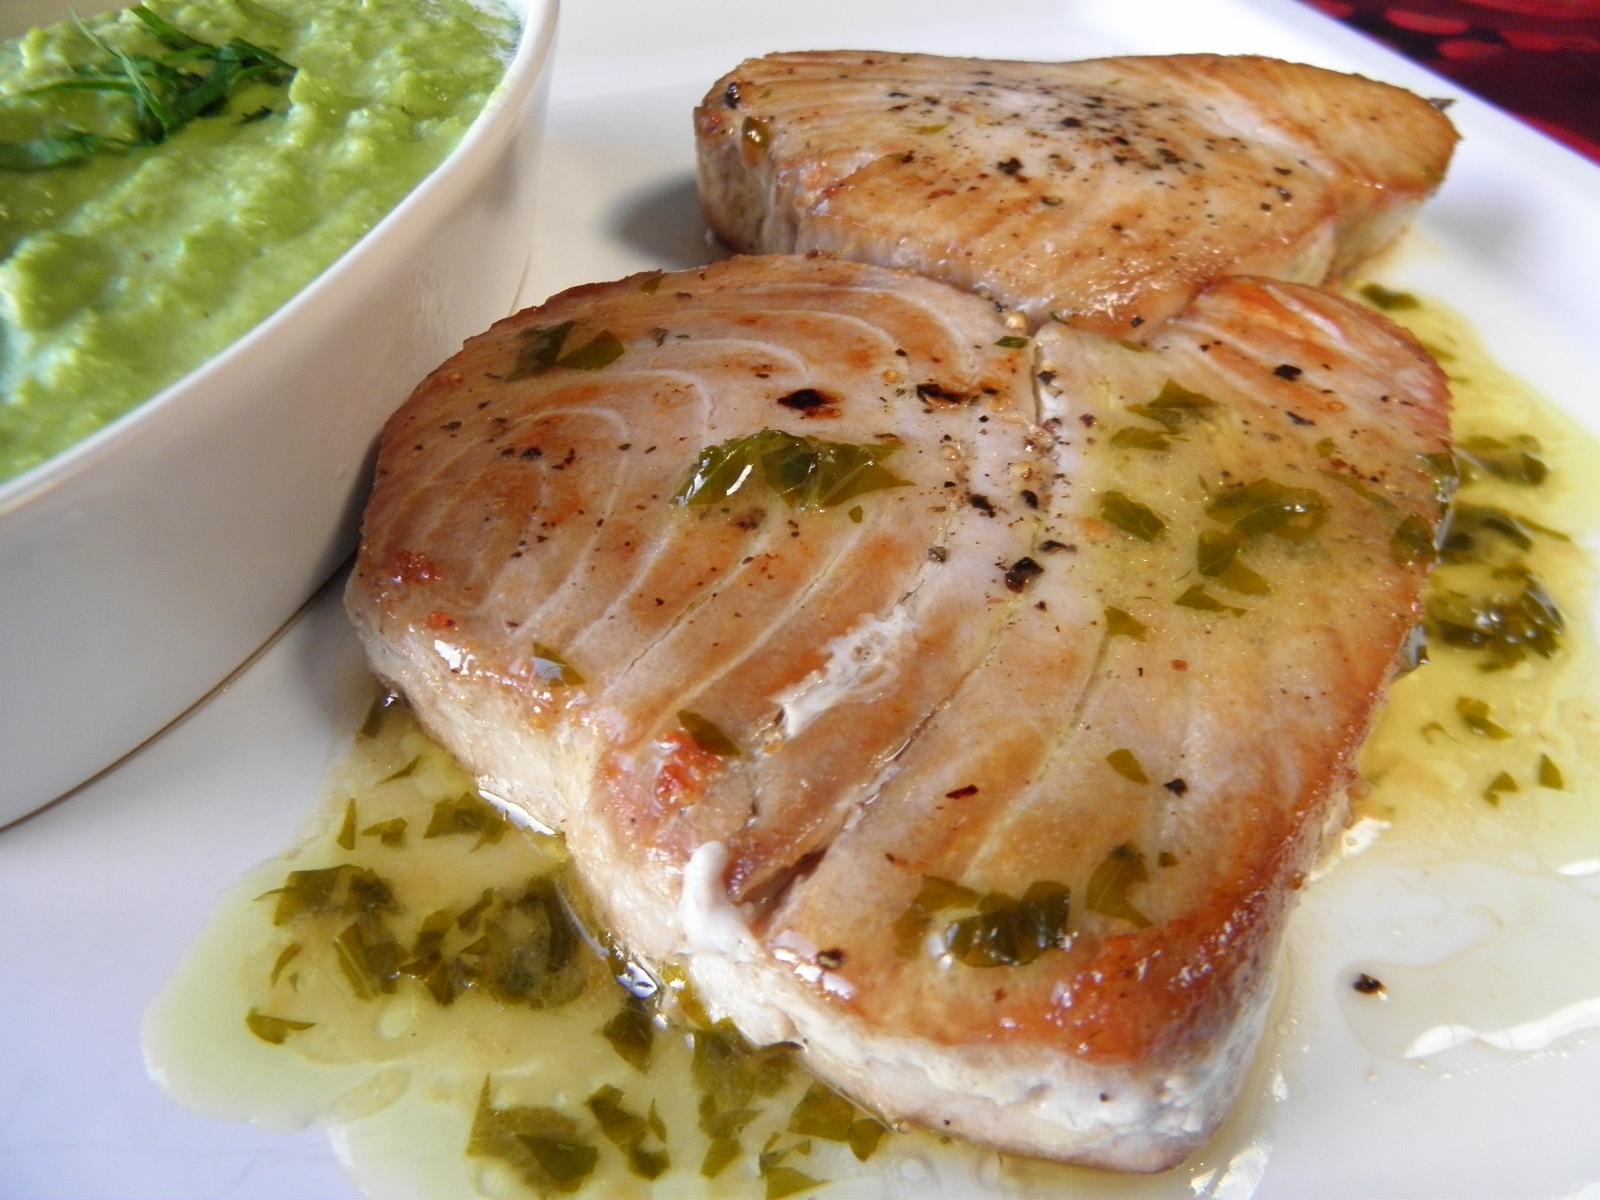 Minutkový tuňák s máslovo-bylinkovým přelivem